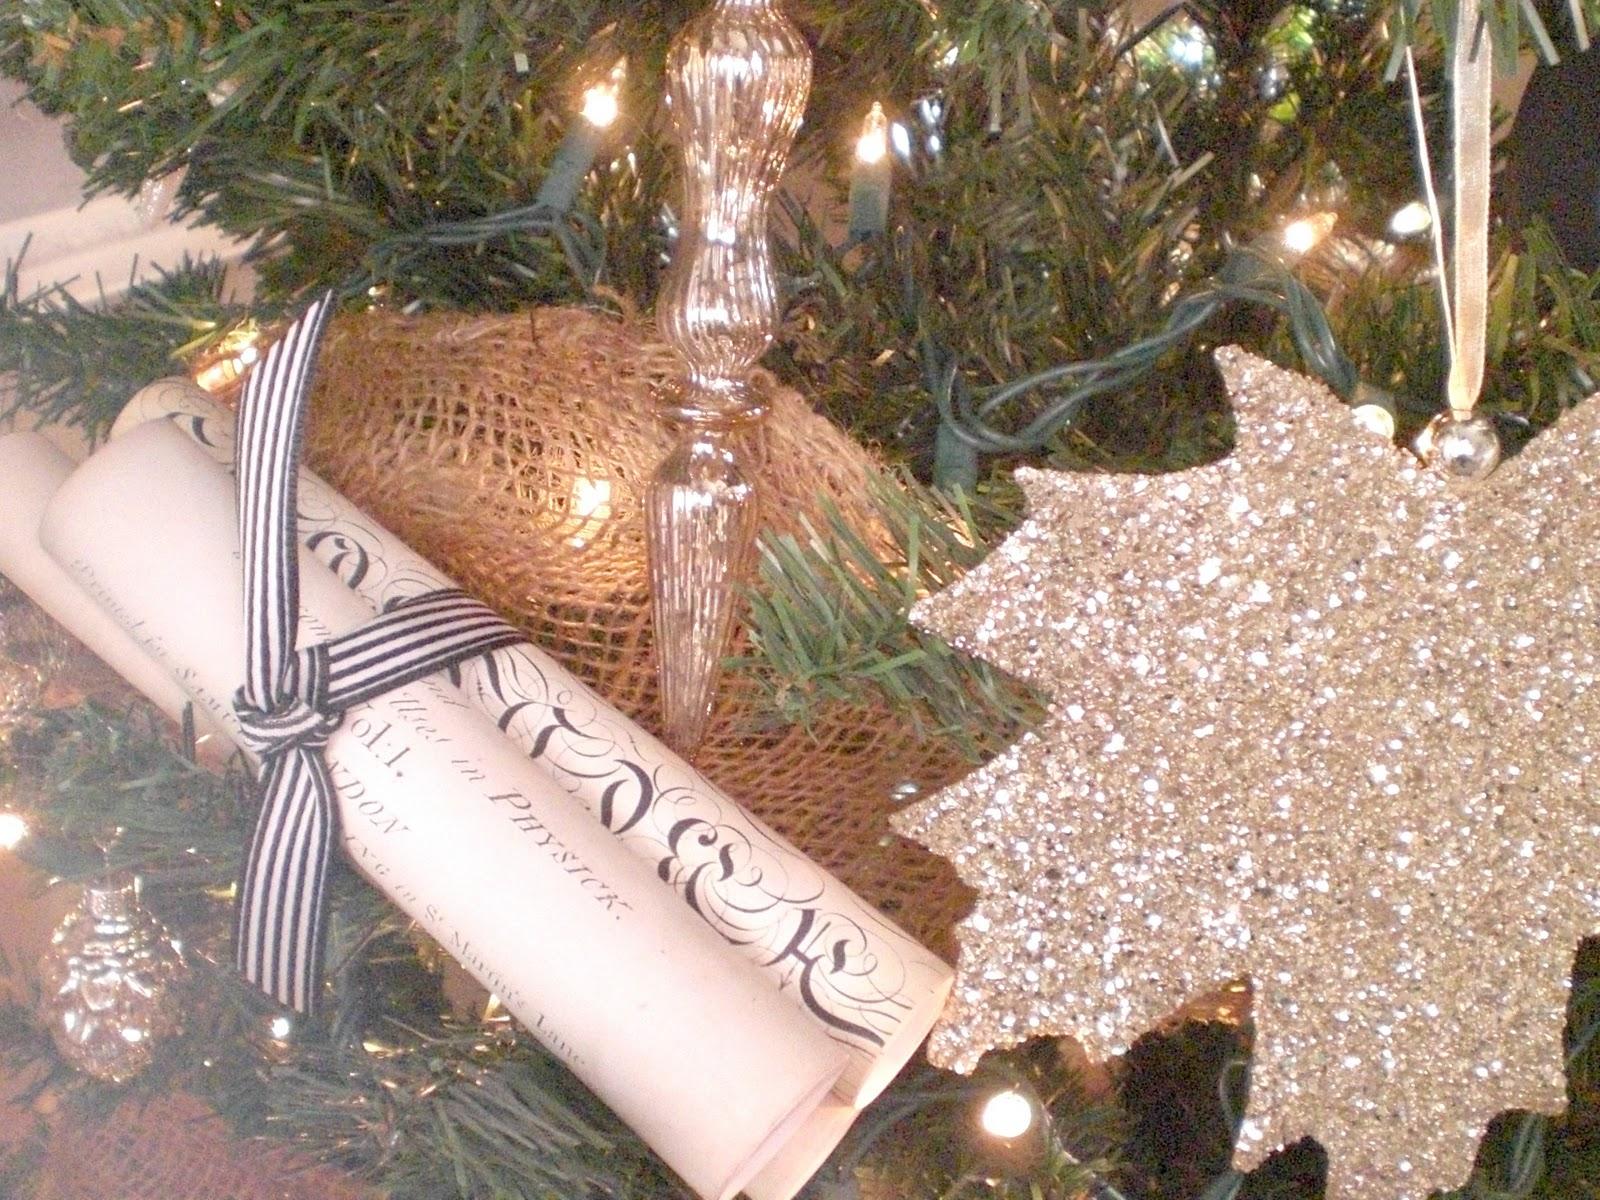 Diy retro christmas decorations - Tuesday November 29 2011